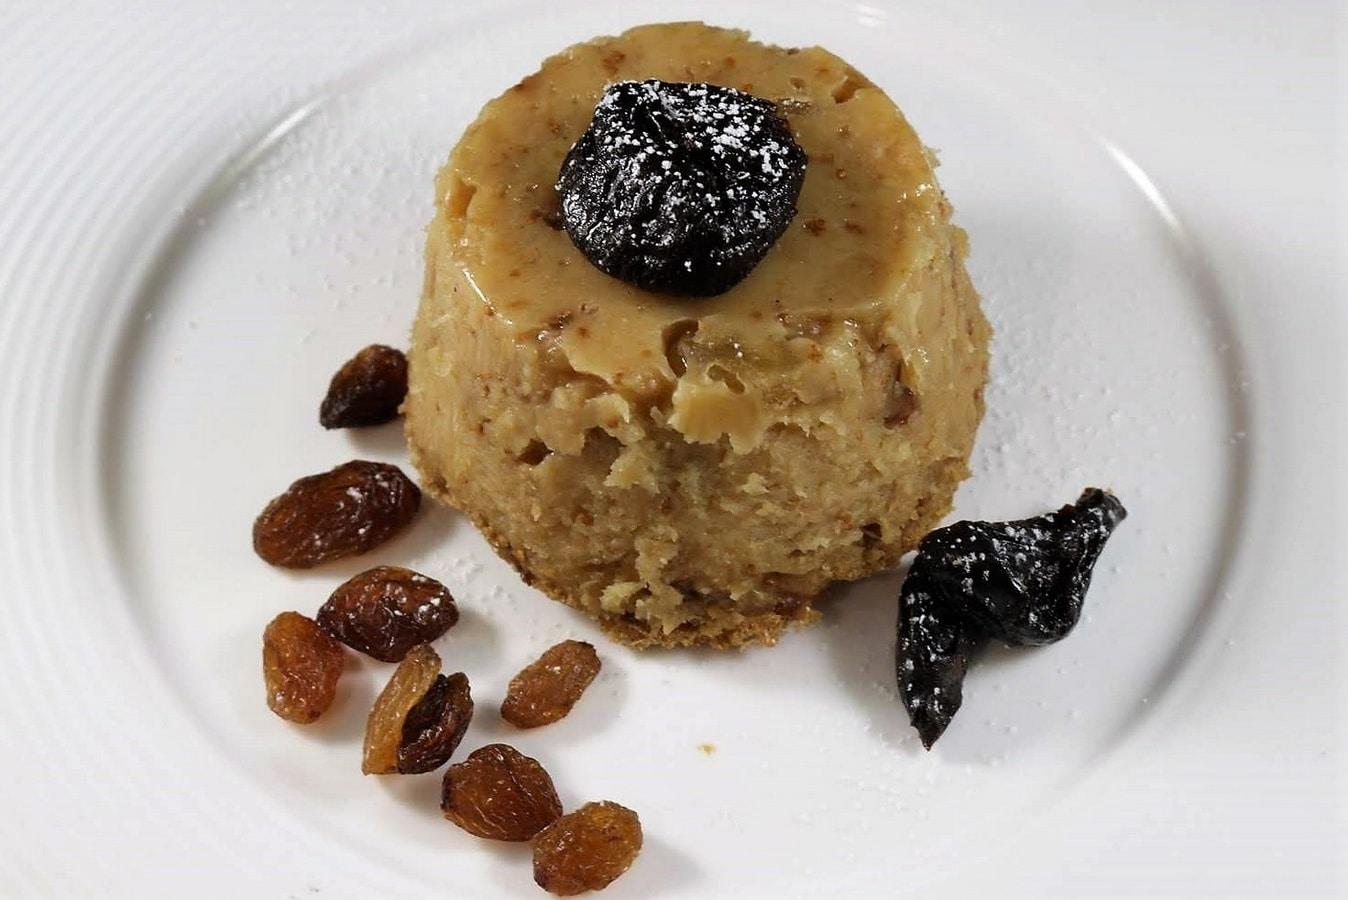 corso di pasticceria di base a torino scuola di cucina la palestra del cibo dolci al cucchiaio budino di pane pastry school scuola di cucina